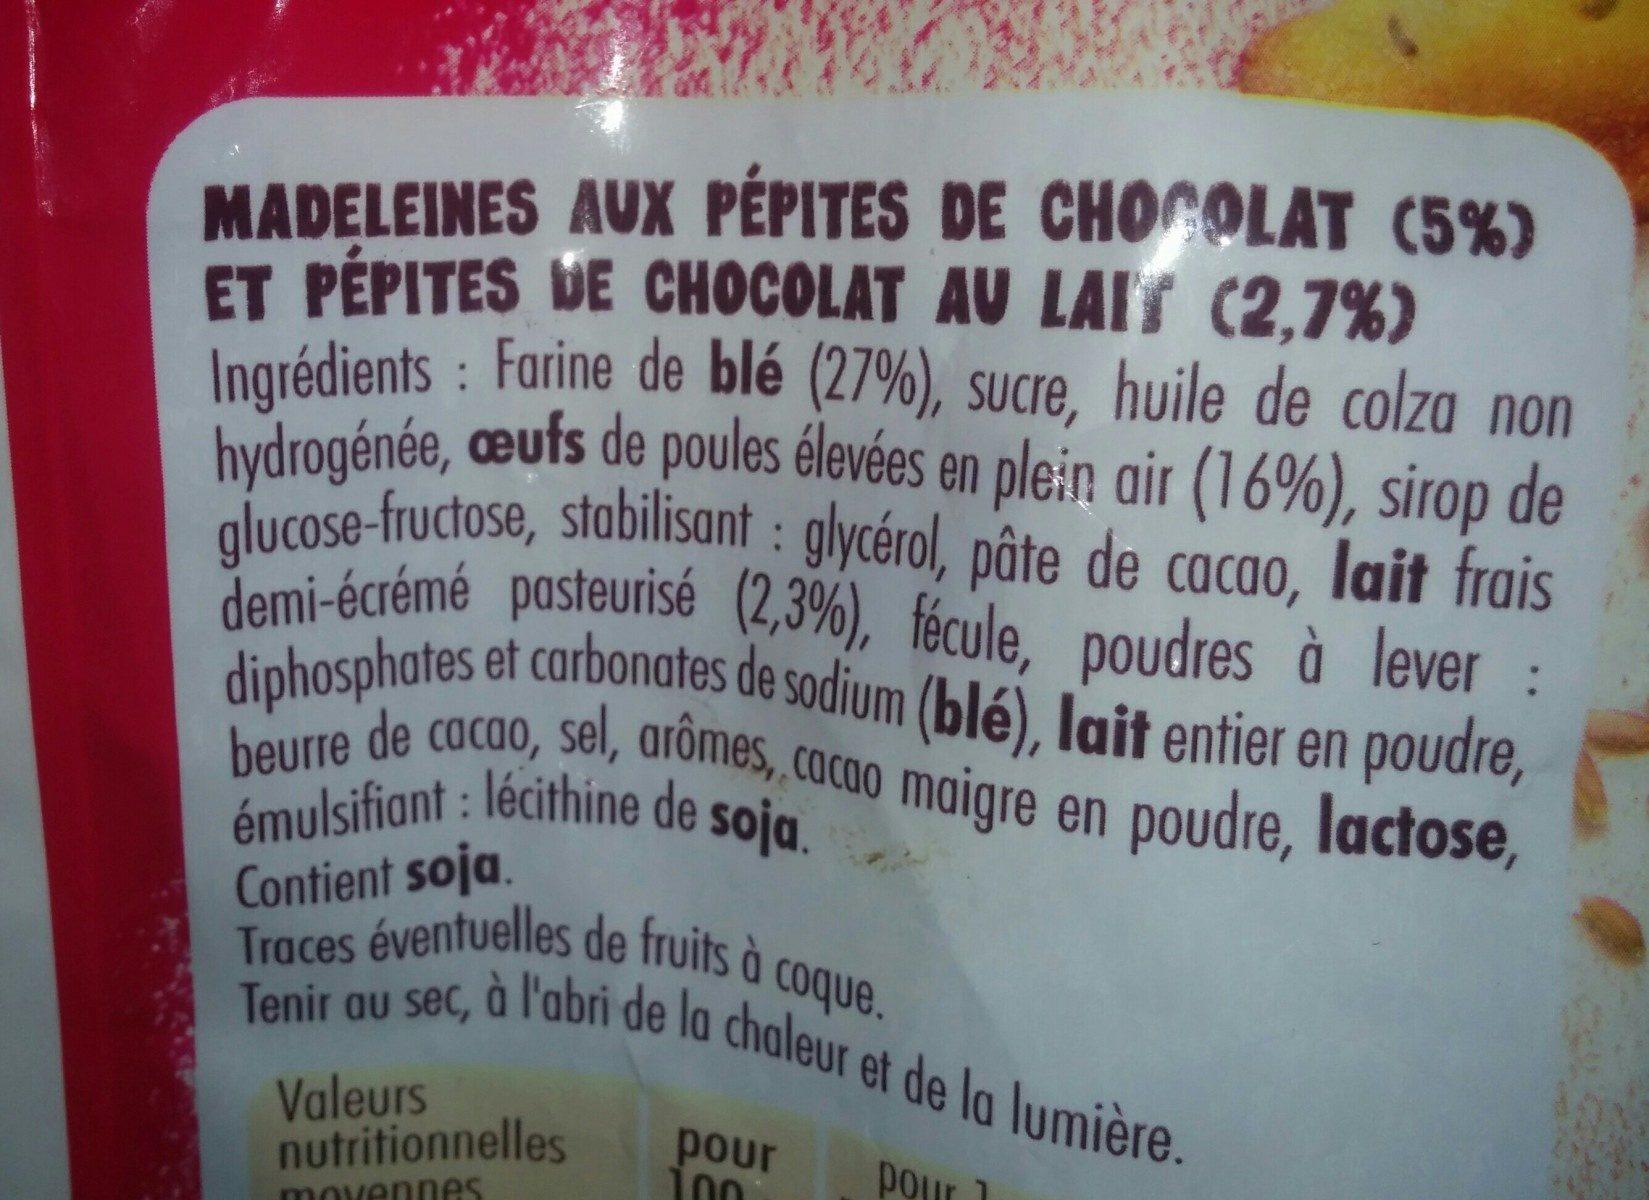 Petites Madeleine pépites chocolat - Ingrediënten - fr